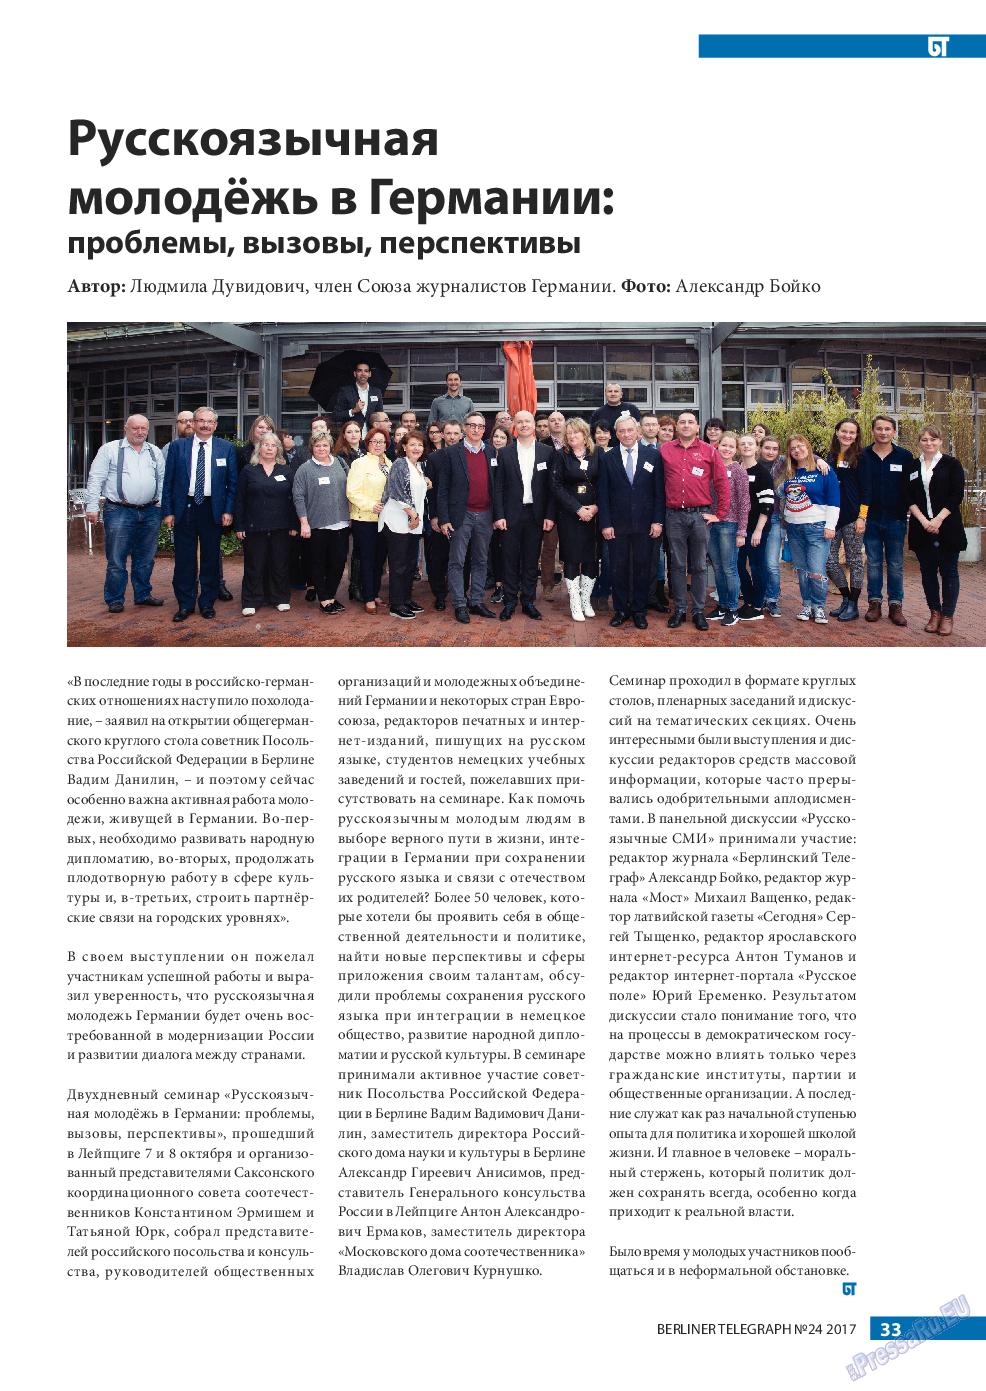 Берлинский телеграф (журнал). 2017 год, номер 24, стр. 33